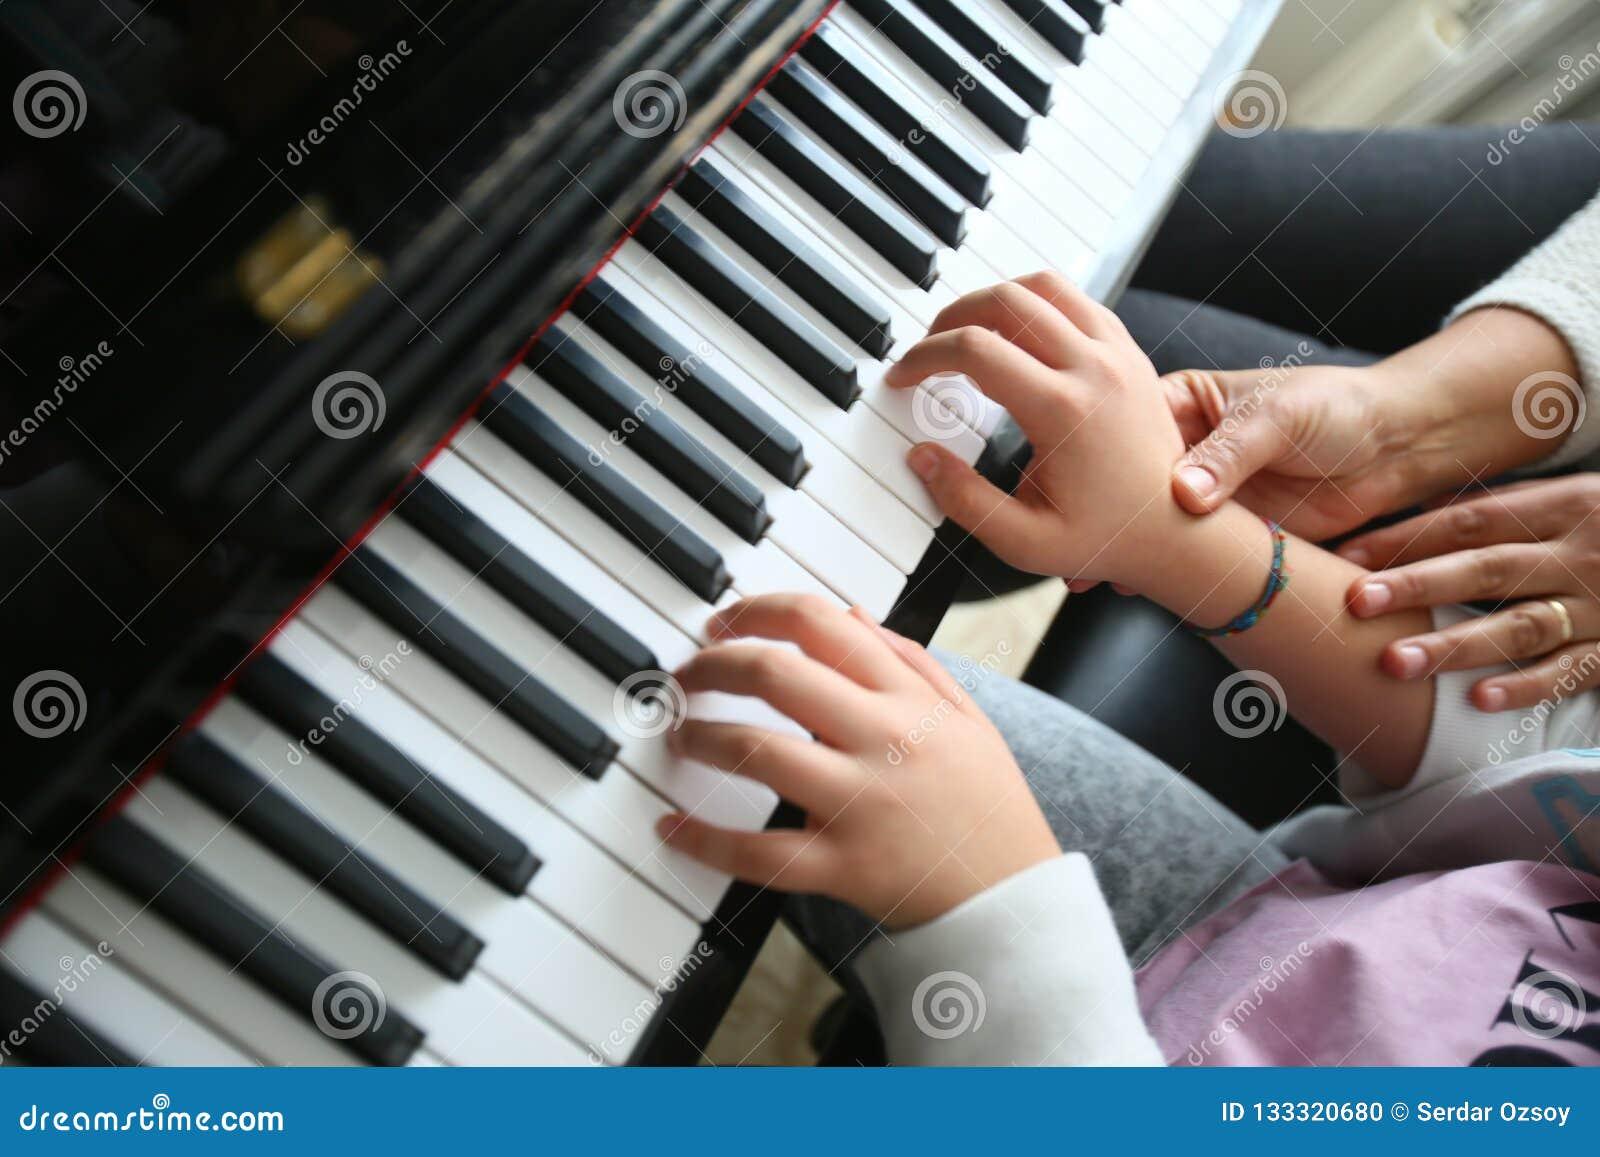 Een leraar onderwijst het spelen piano haar student